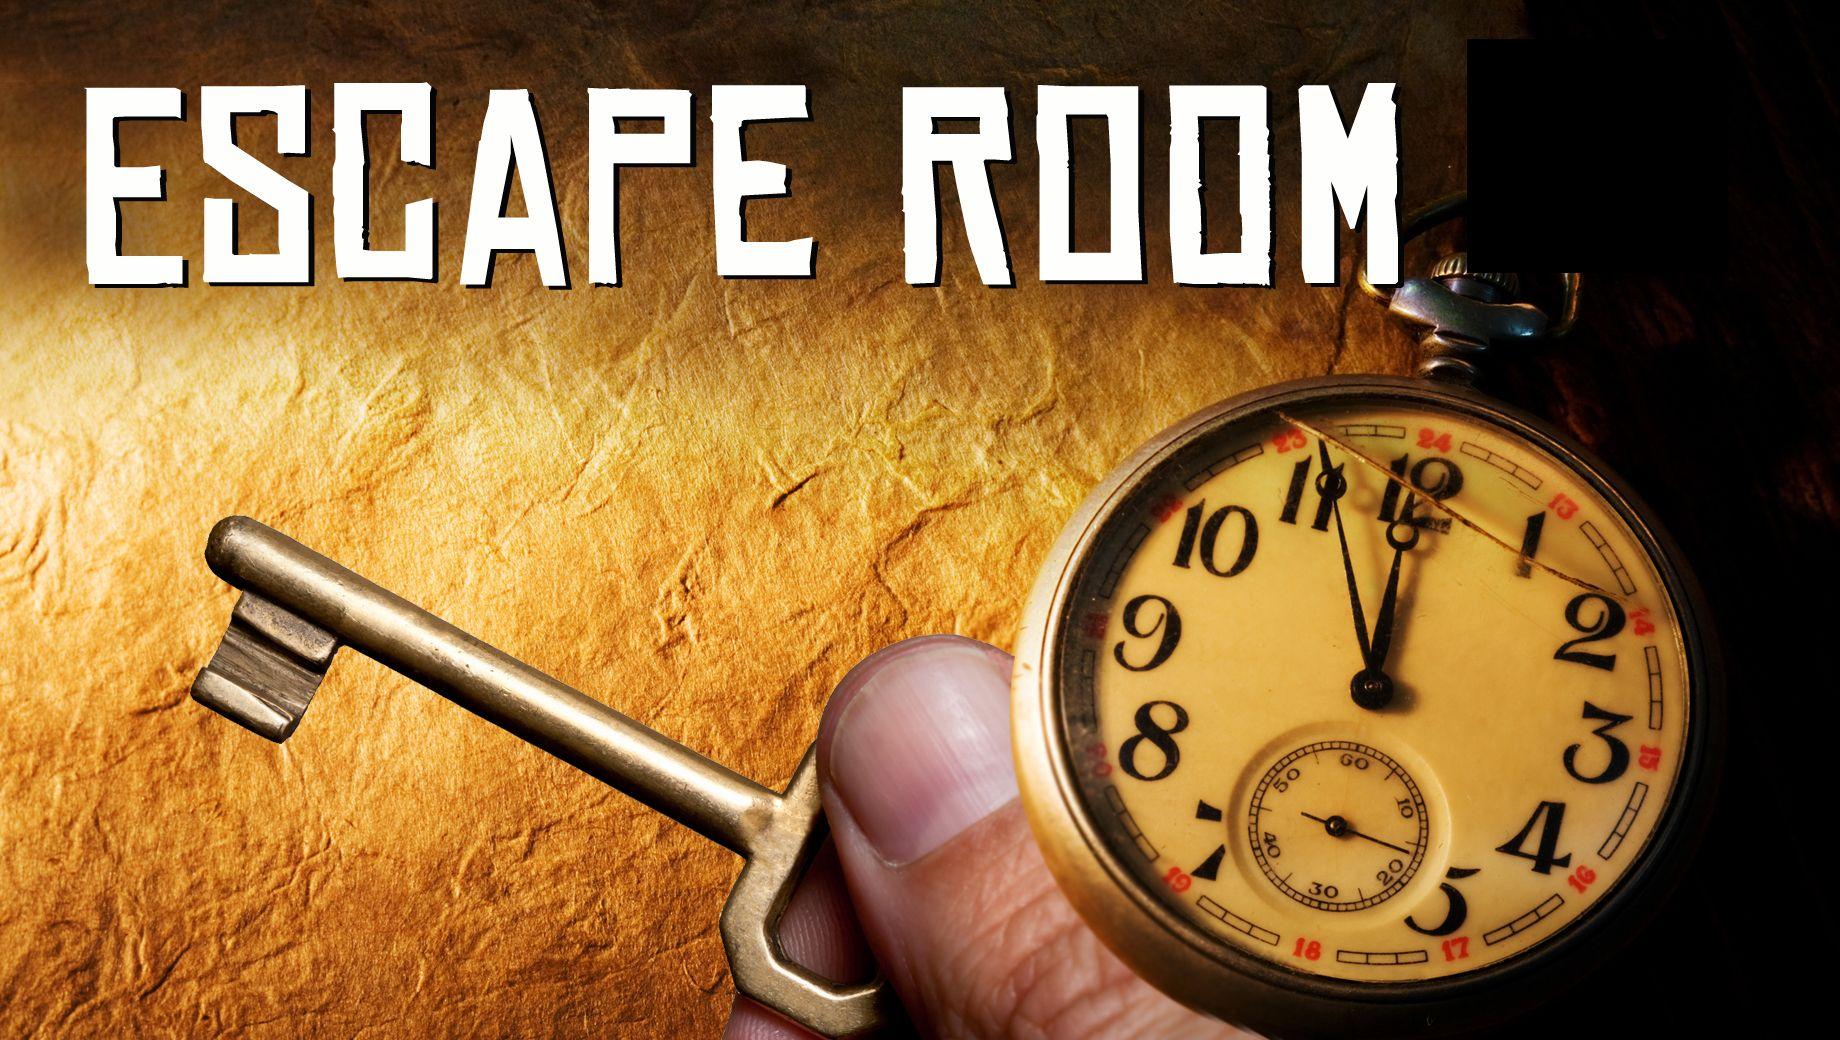 Afbeeldingsresultaat voor escape room afbeeldingen